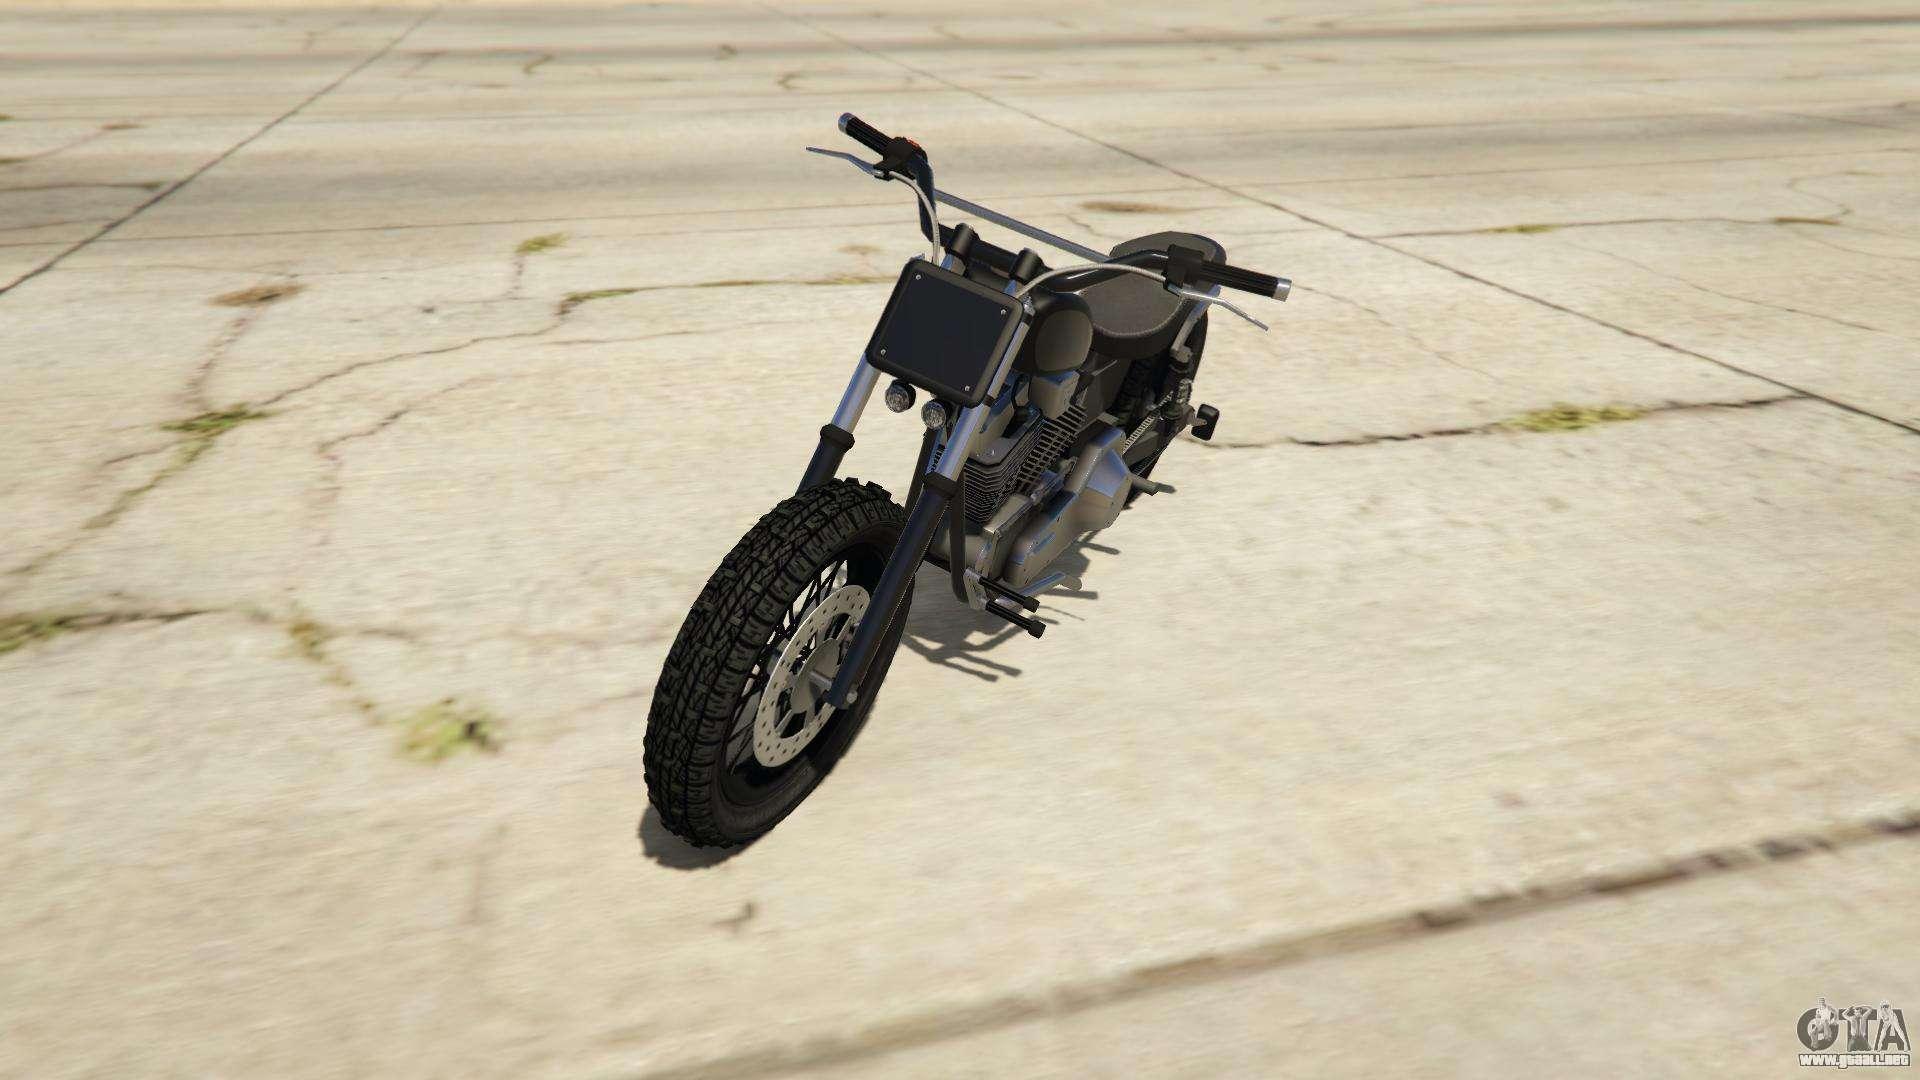 Western Motorcycle Company Cliffhanger de GTA Online - vista frontal